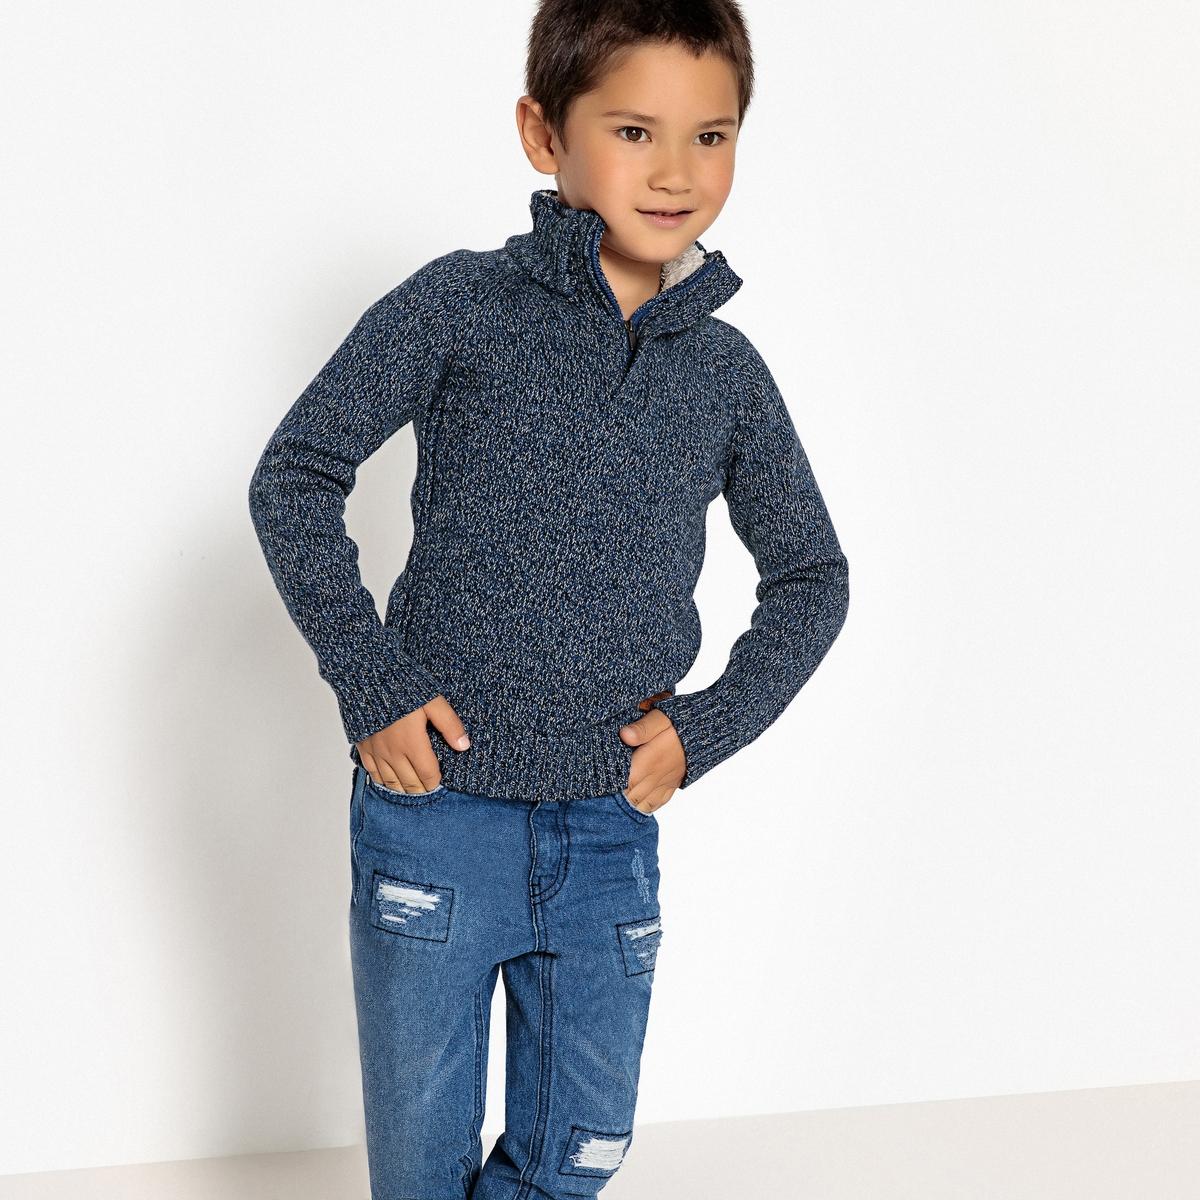 цена Пуловер La Redoute Теплый с воротником-стойкой на молнии 3 года - 94 см синий онлайн в 2017 году